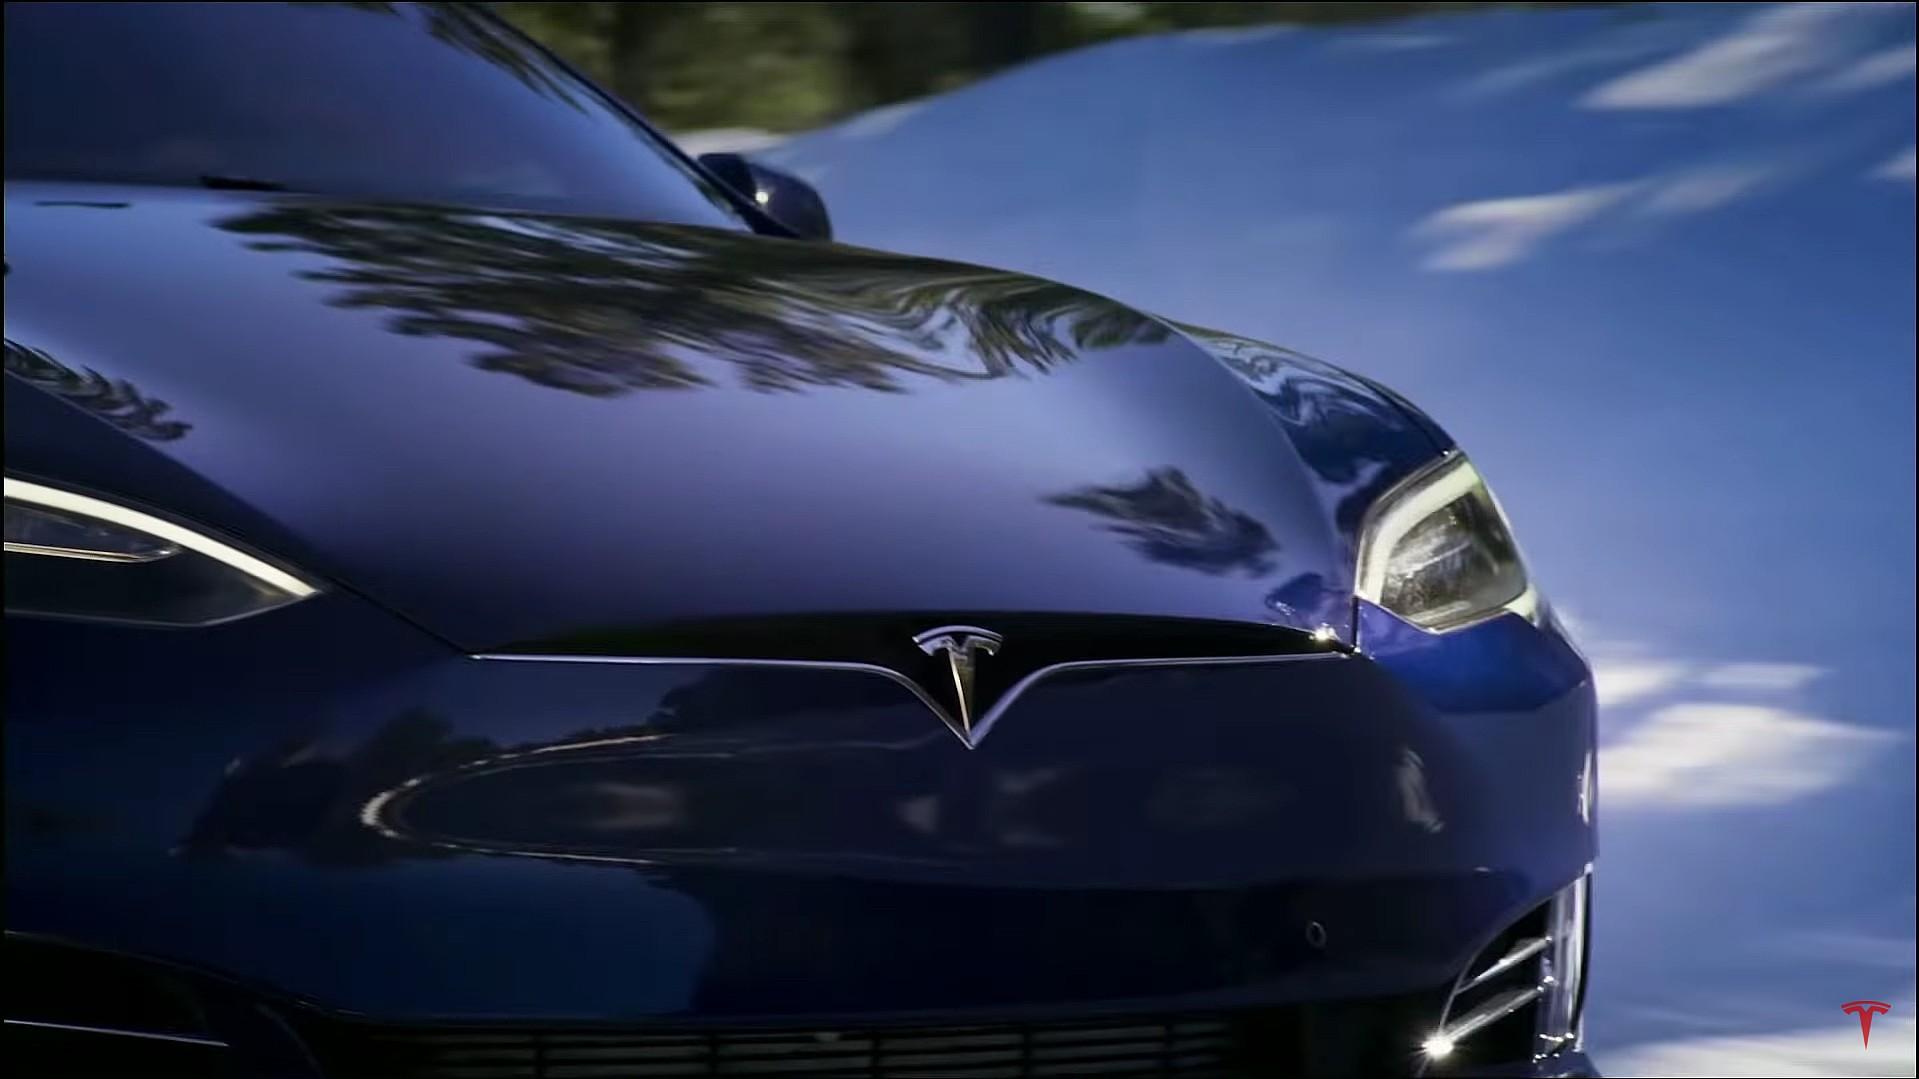 Акции Tesla выросли почти на 10%, так как объем торговли резко вырос перед прибылью второго квартала